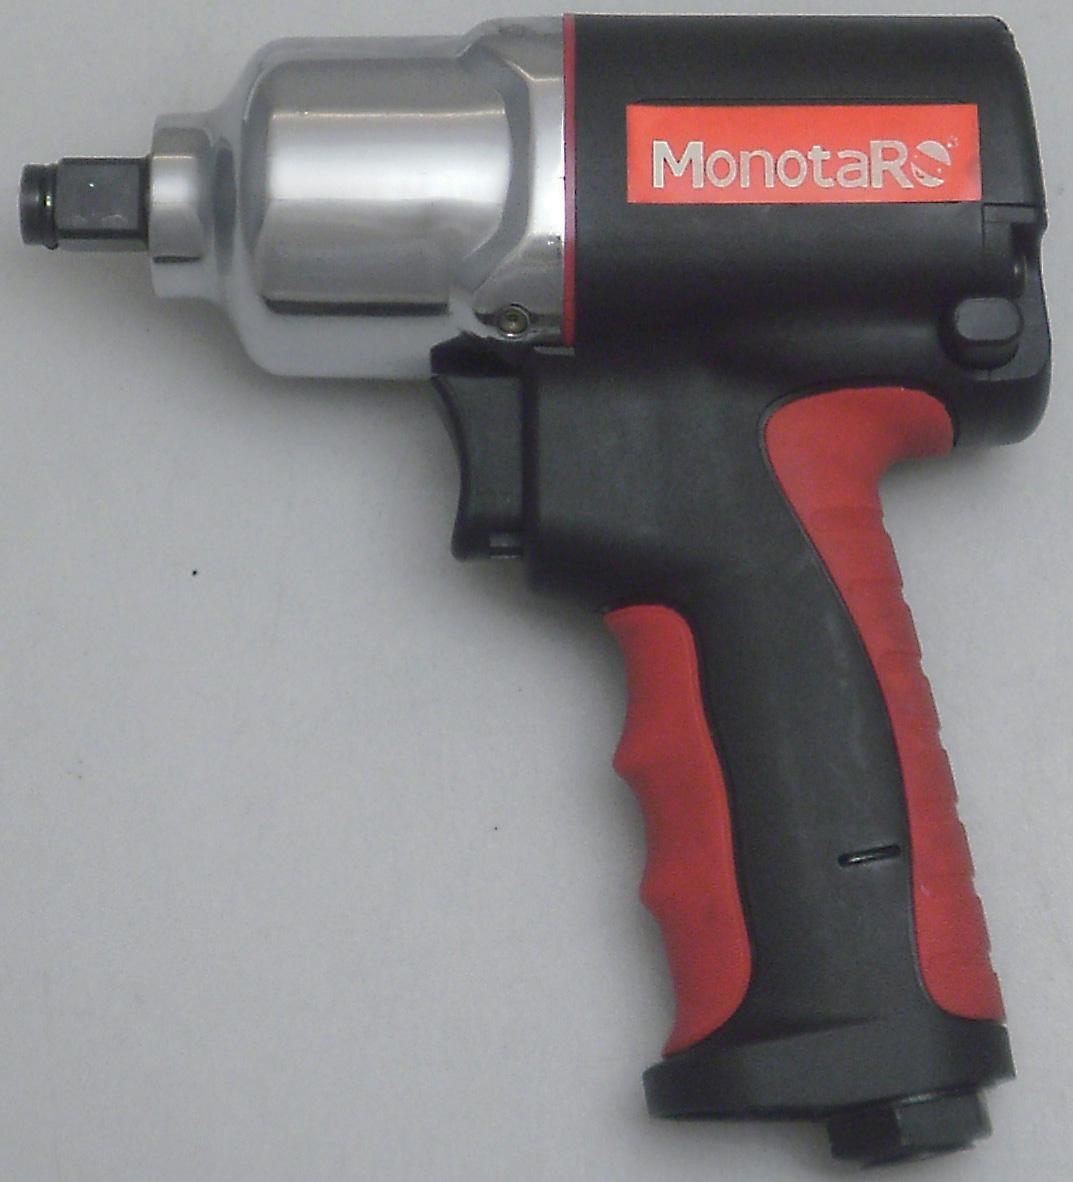 「工場で使える便利な通販」MonotaRO.com MonotaROブランドより、「エアーインパクトレンチ2種」を発売 ~市場価格より7割以上安い低価格で発売~